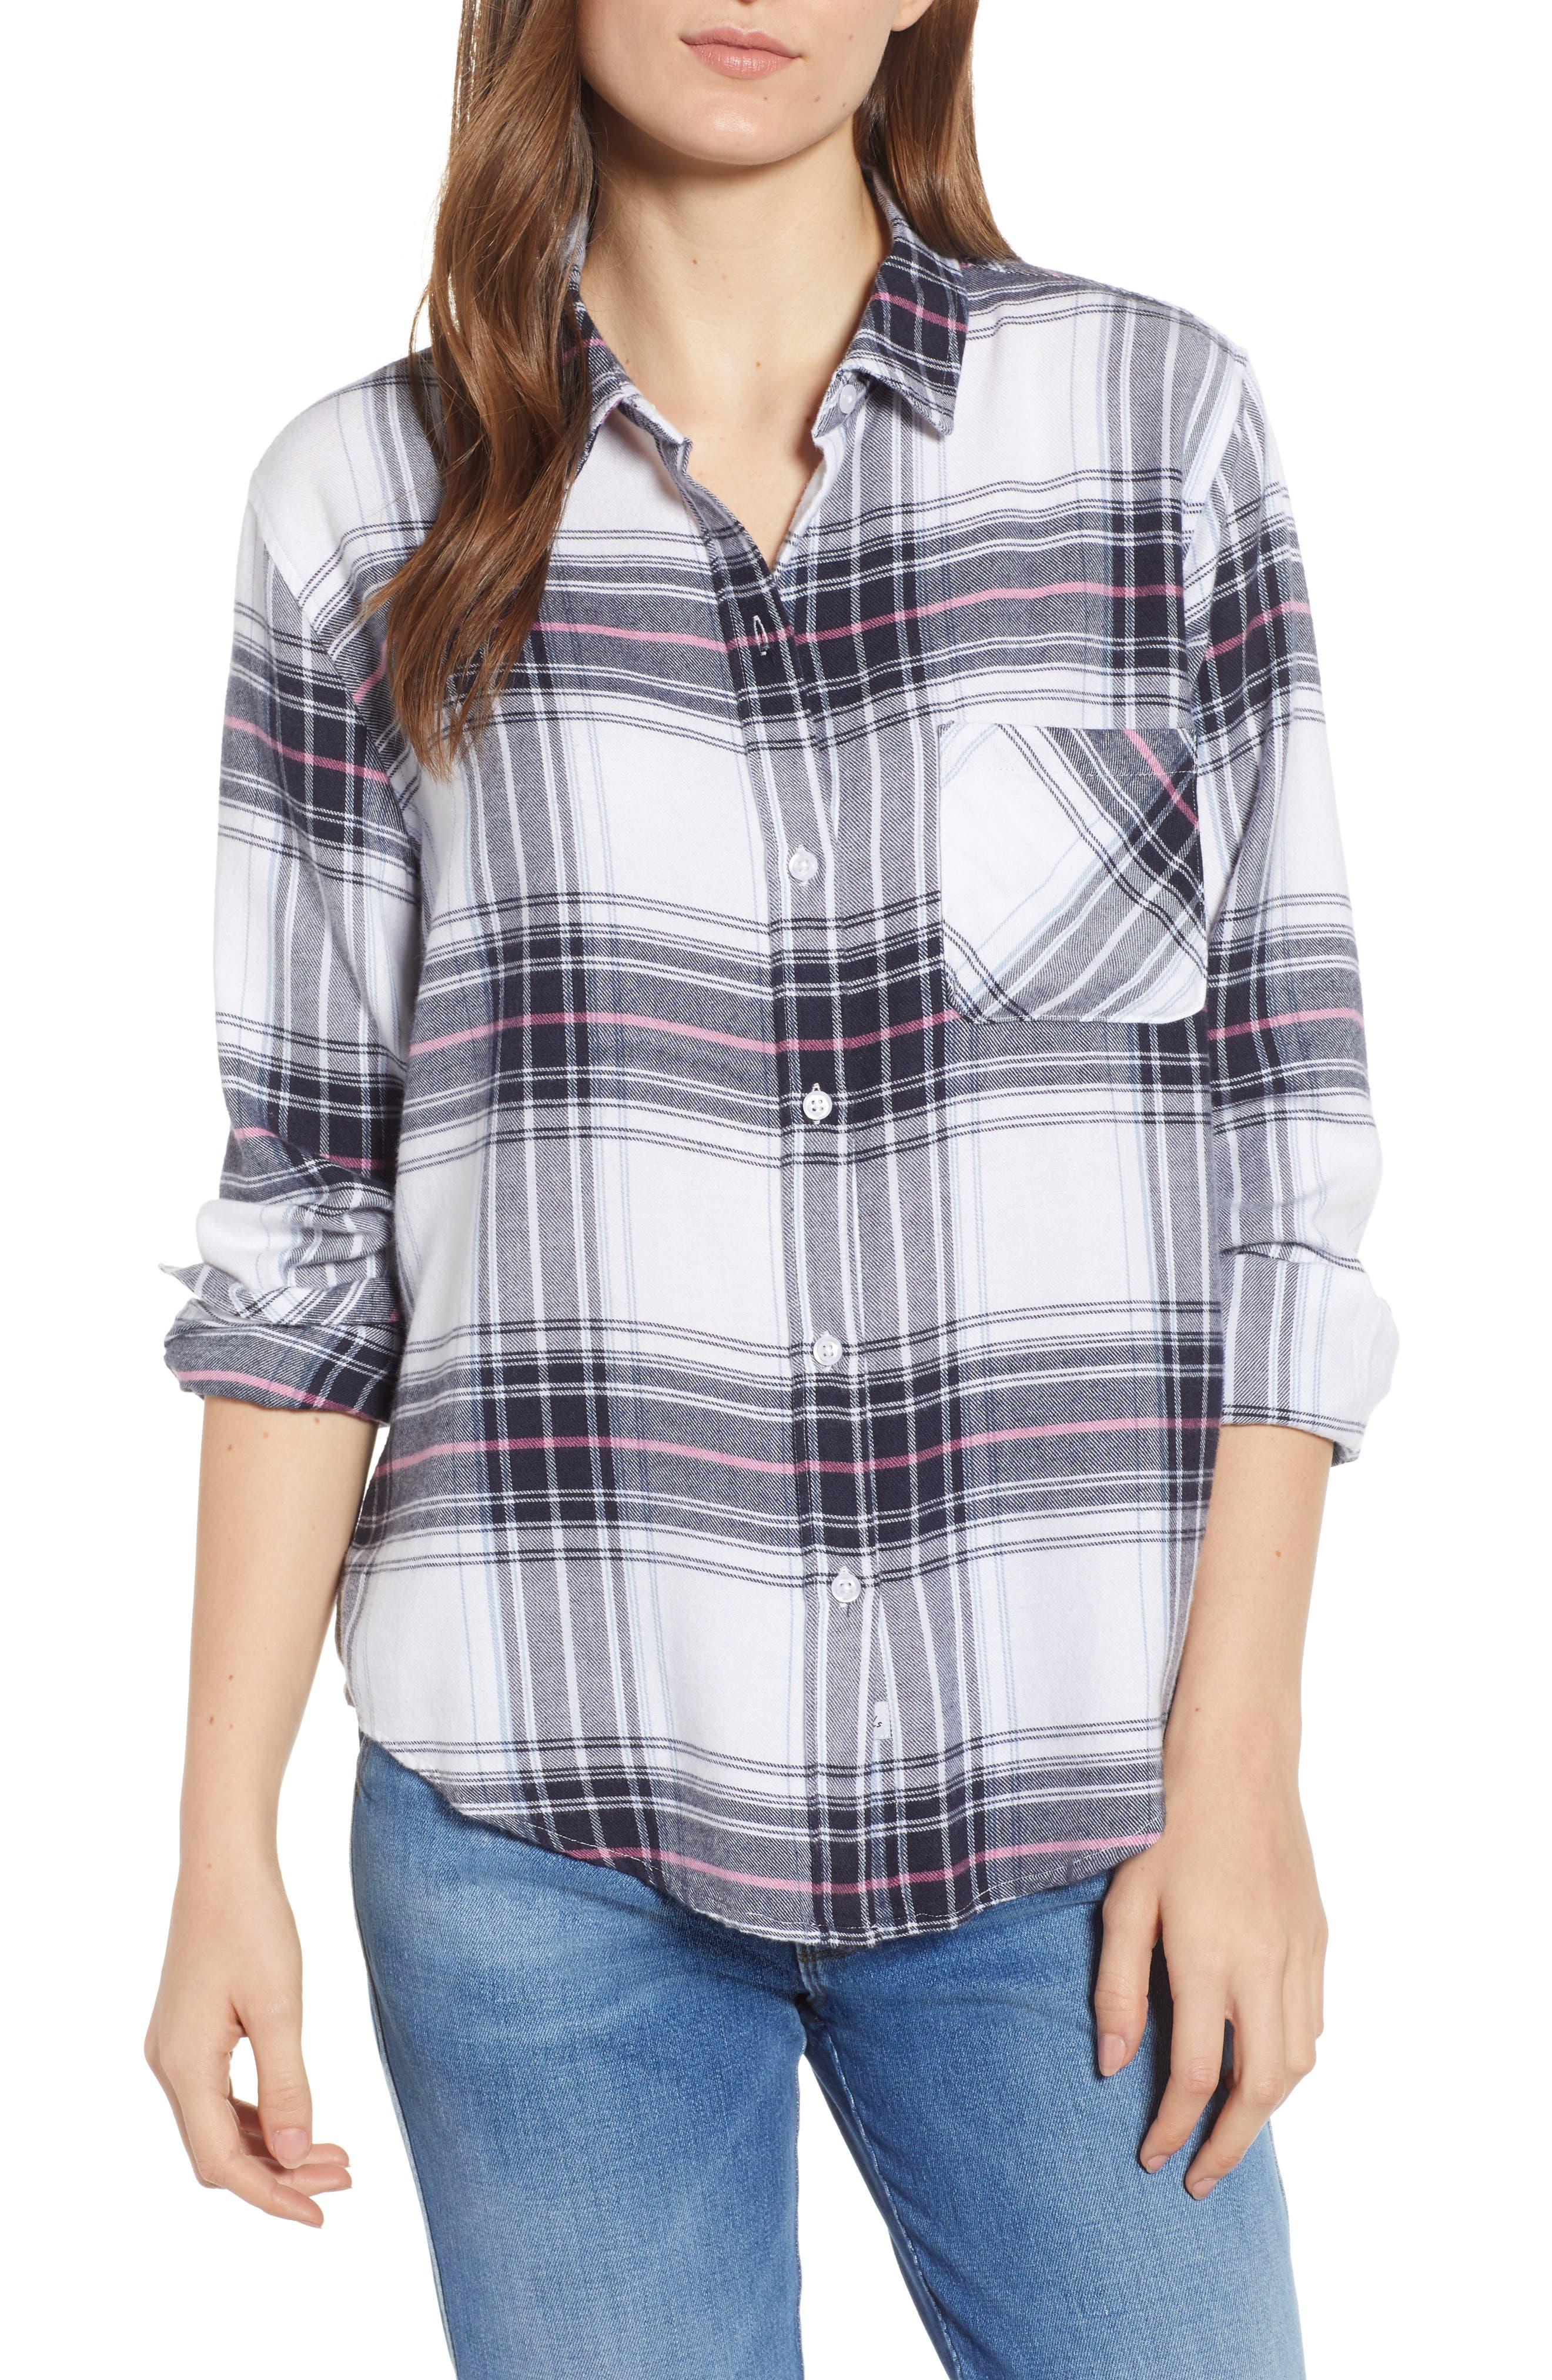 Milo Plaid Shirt,                         Main,                         color, WHITE NAVY MAGENTA